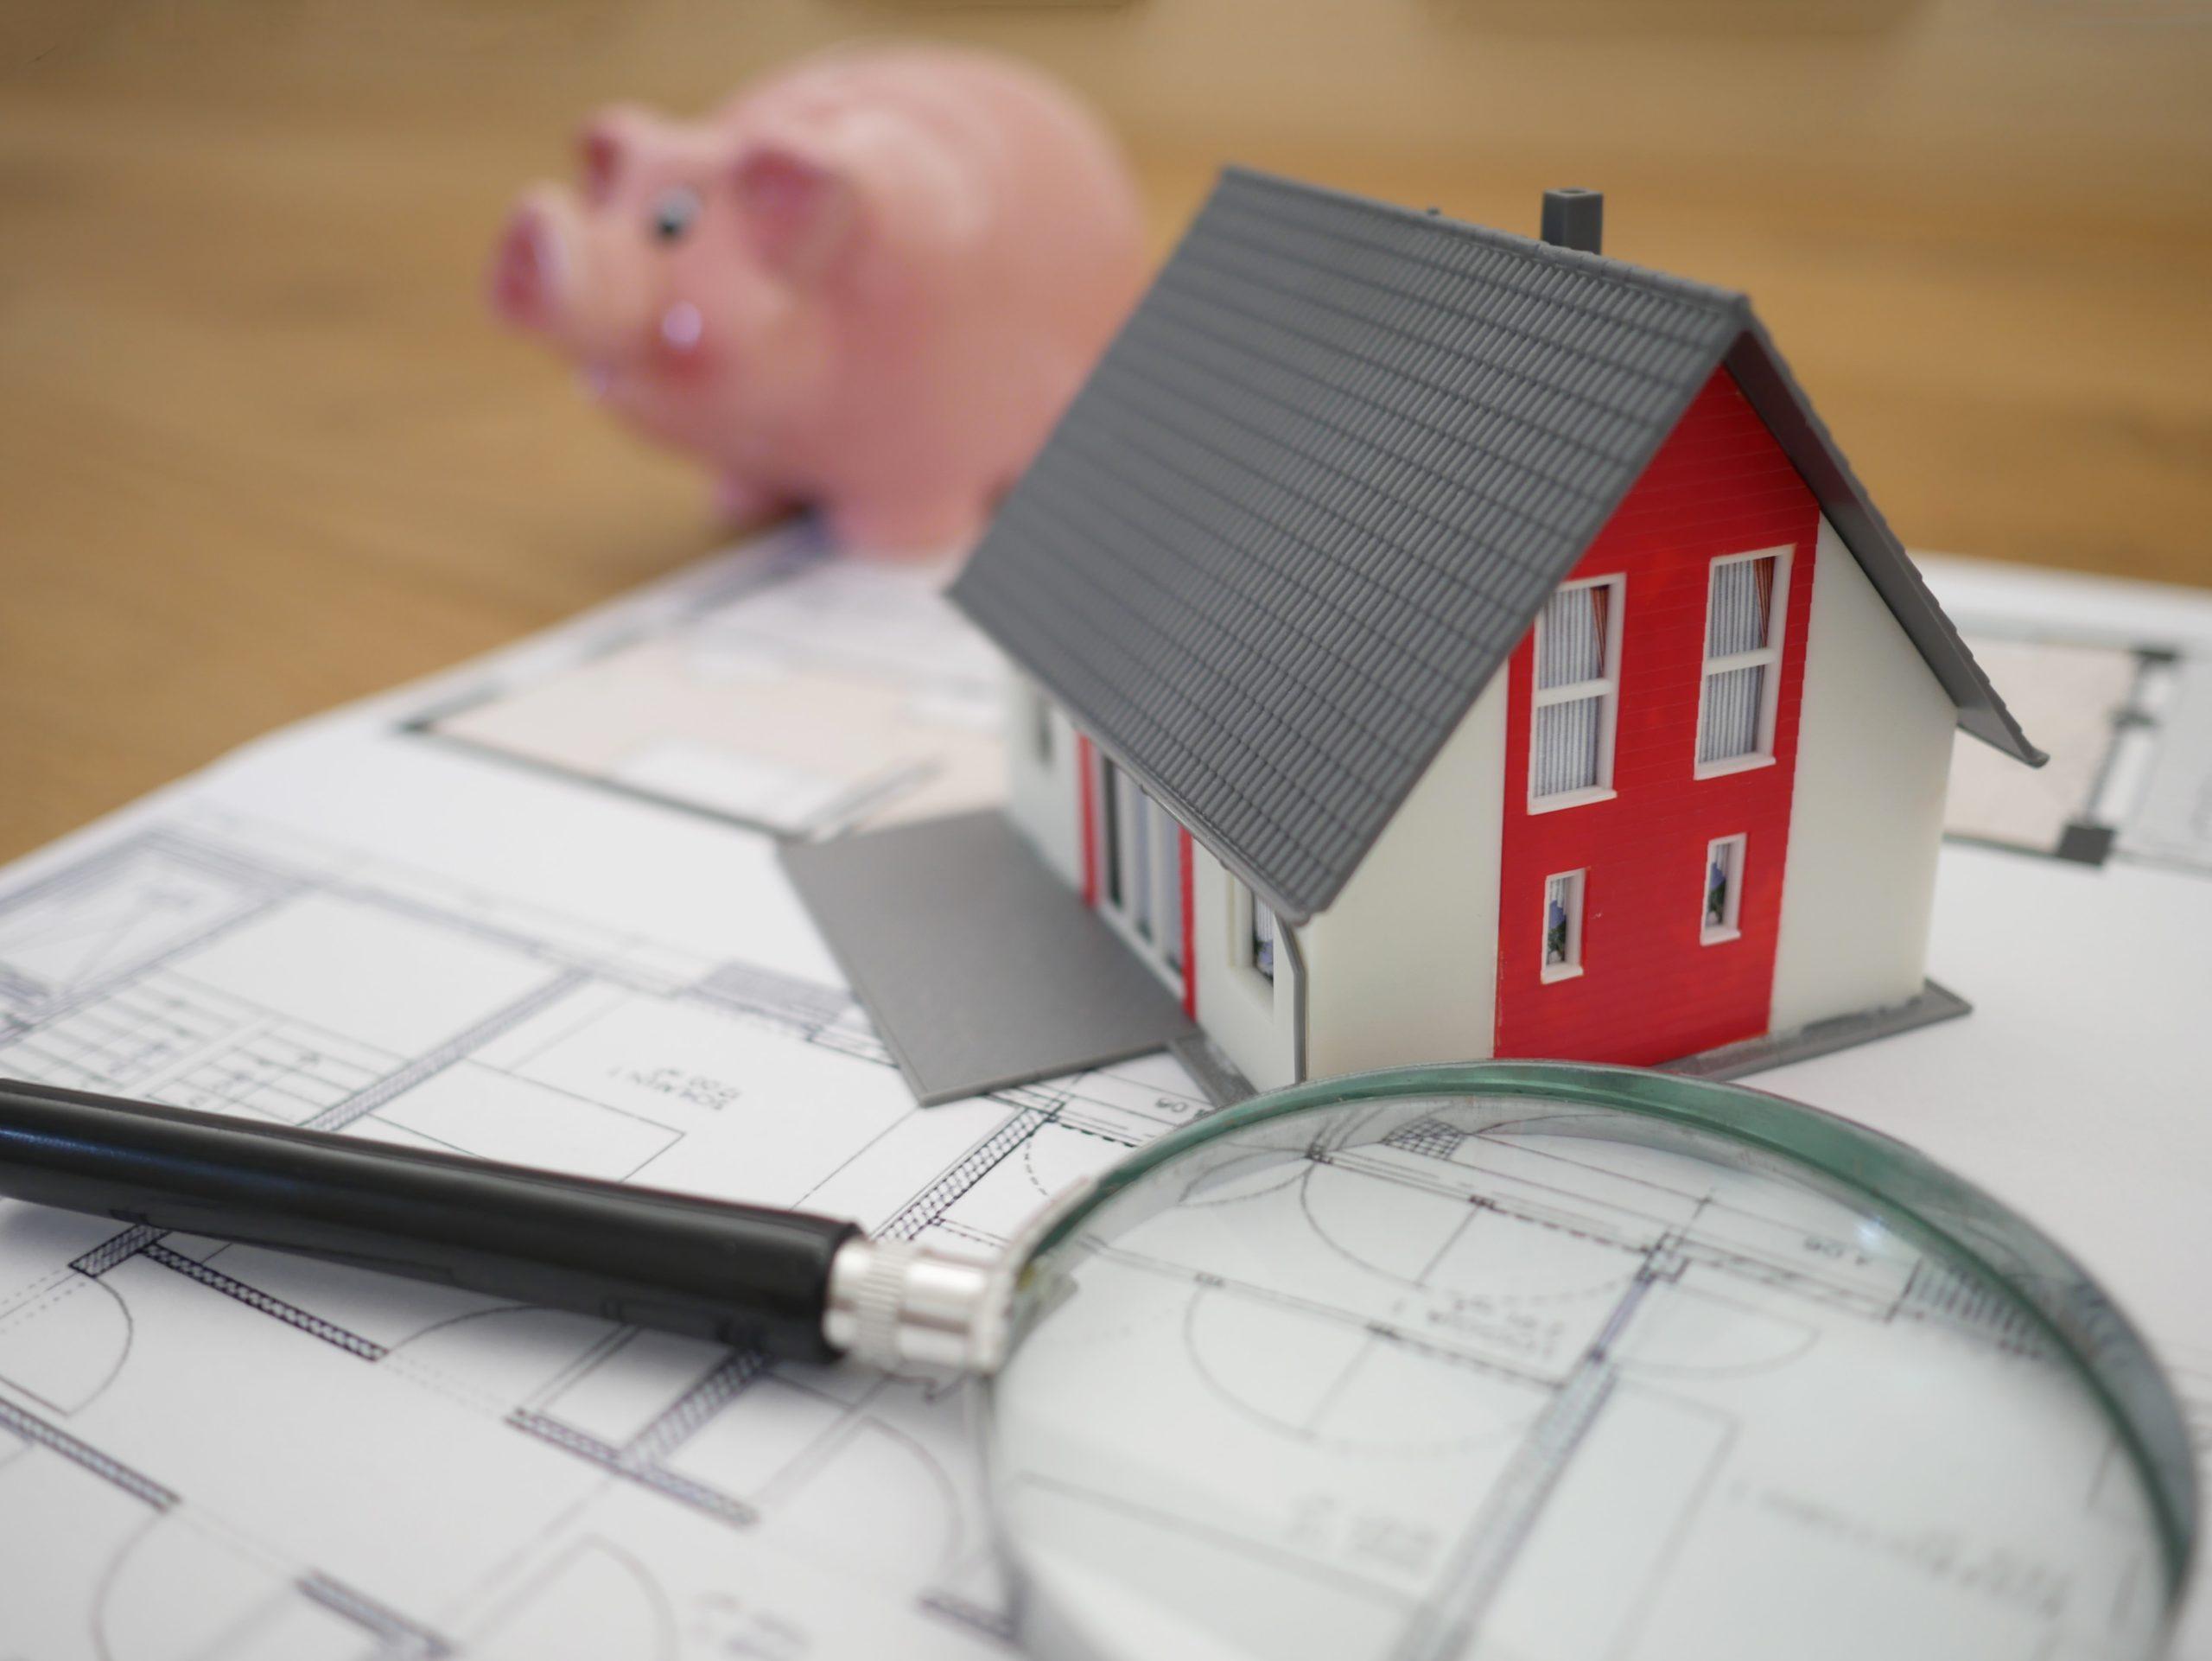 Sobre uma mesa um planta de casa, uma casa em miniatura, uma lupa e um cofre de porquinho.